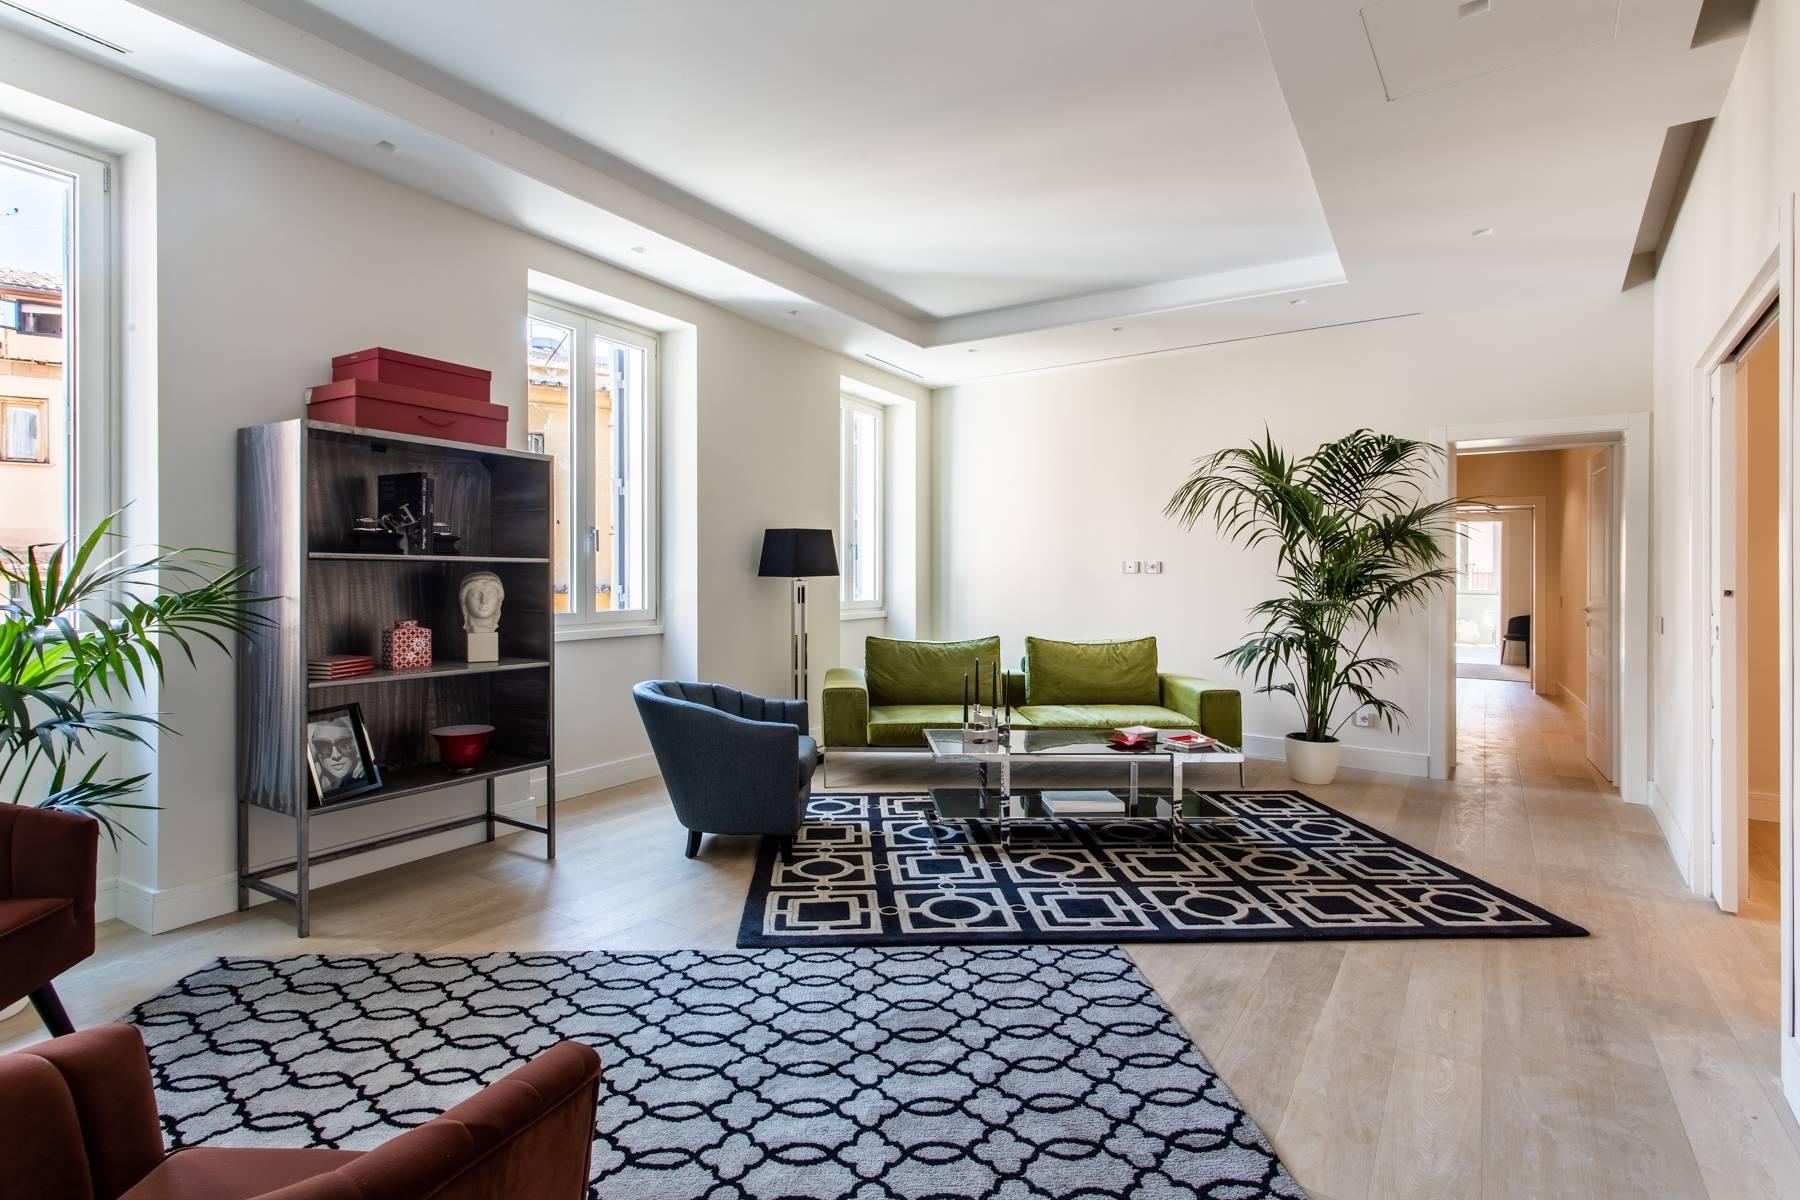 Appartamento in Vendita a Roma: 4 locali, 133 mq - Foto 2